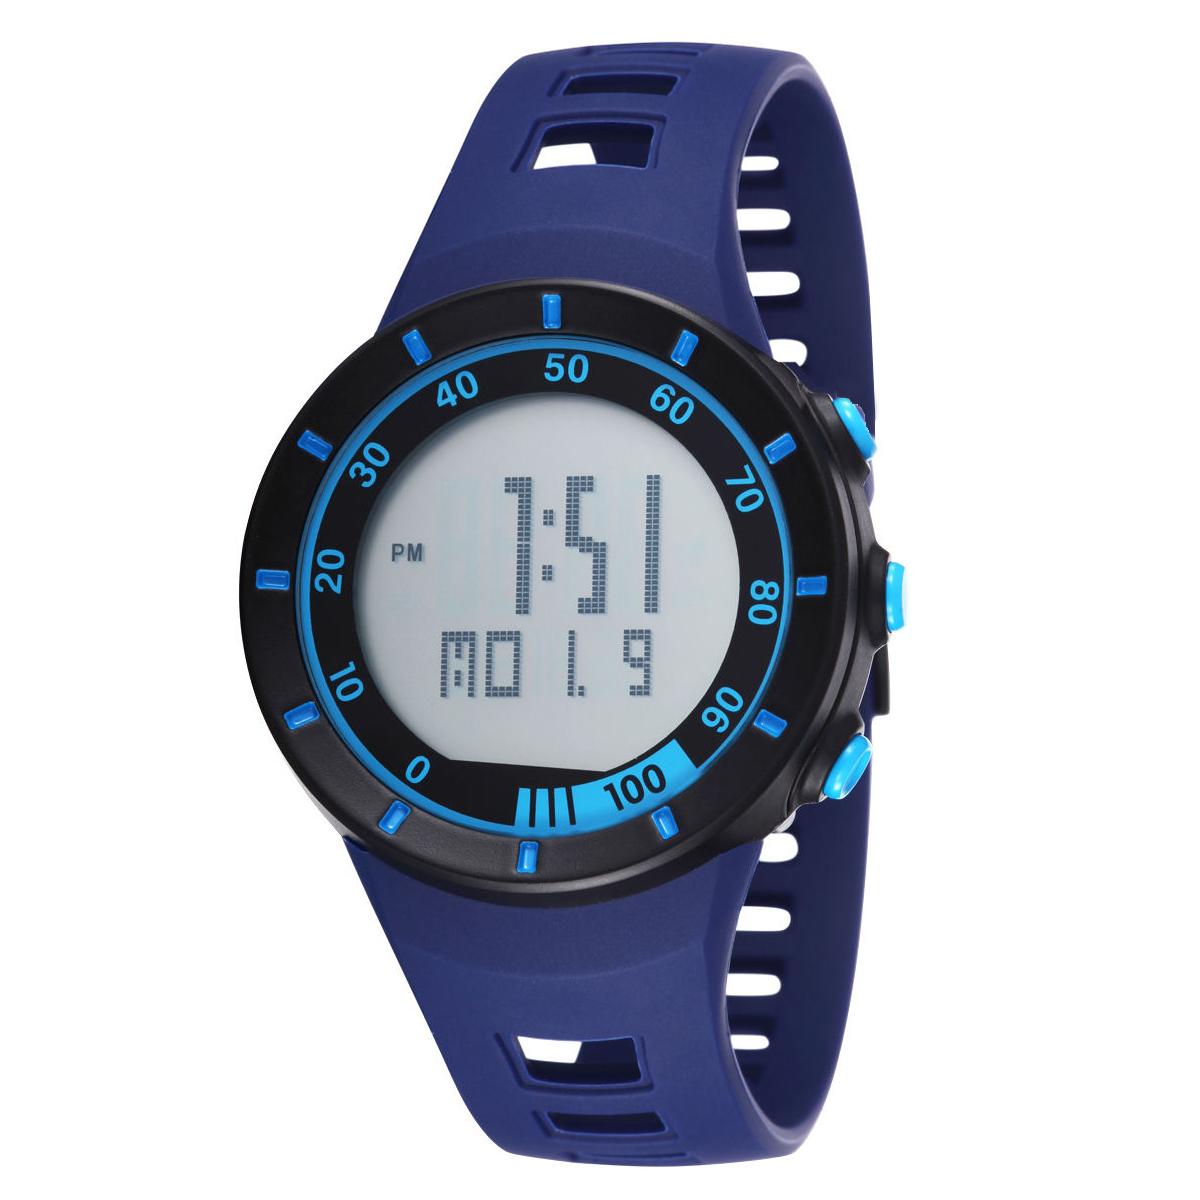 ساعت مچی دیجیتال زنانه مدل VG901101